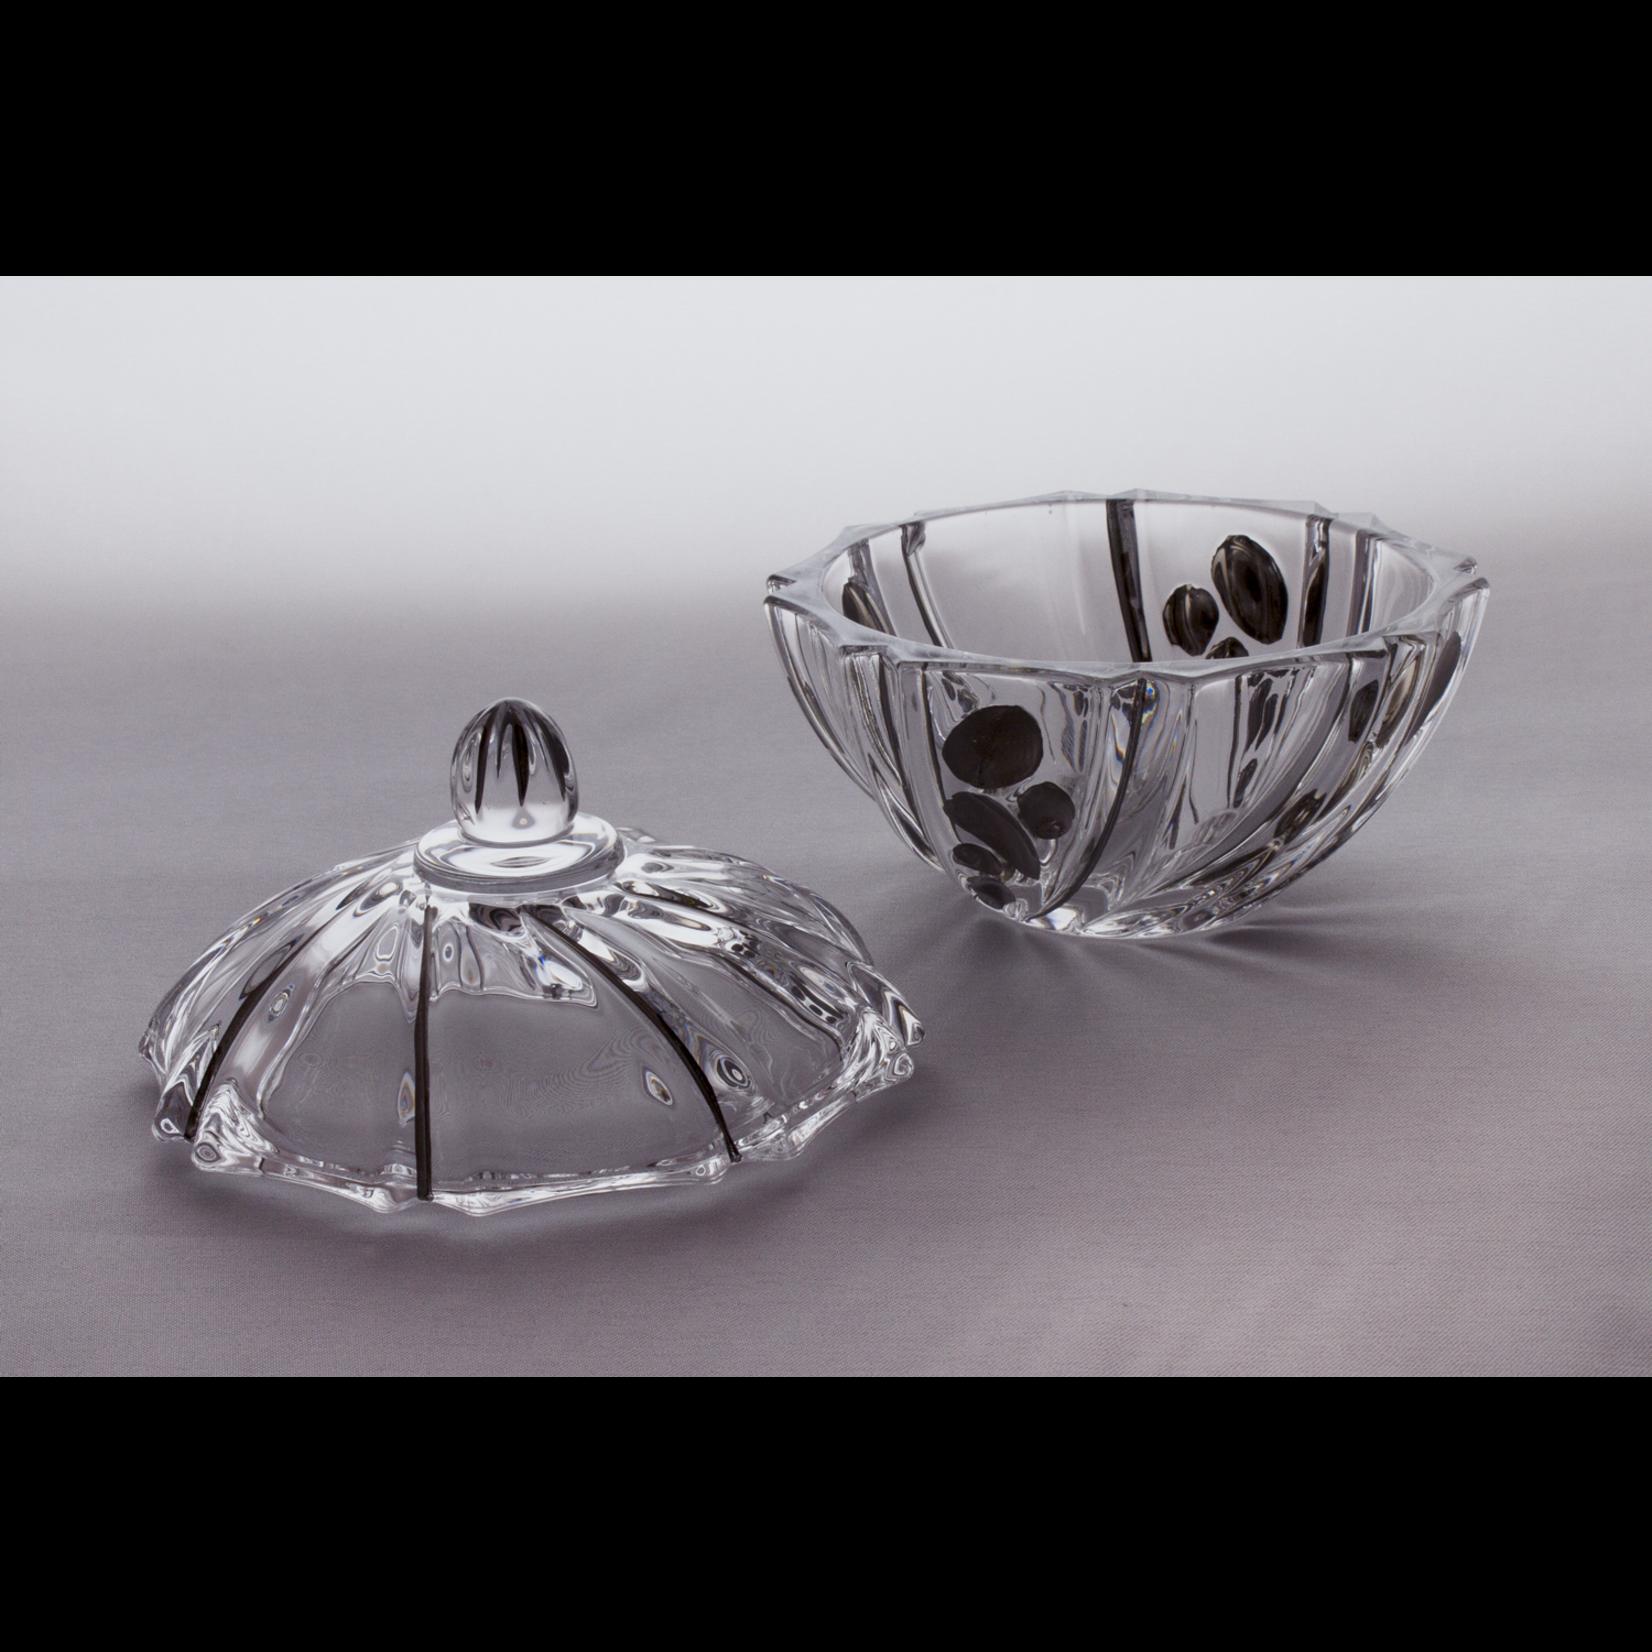 Skloglass Prague kristal schaal met deksel 19cm / platinum decoratie